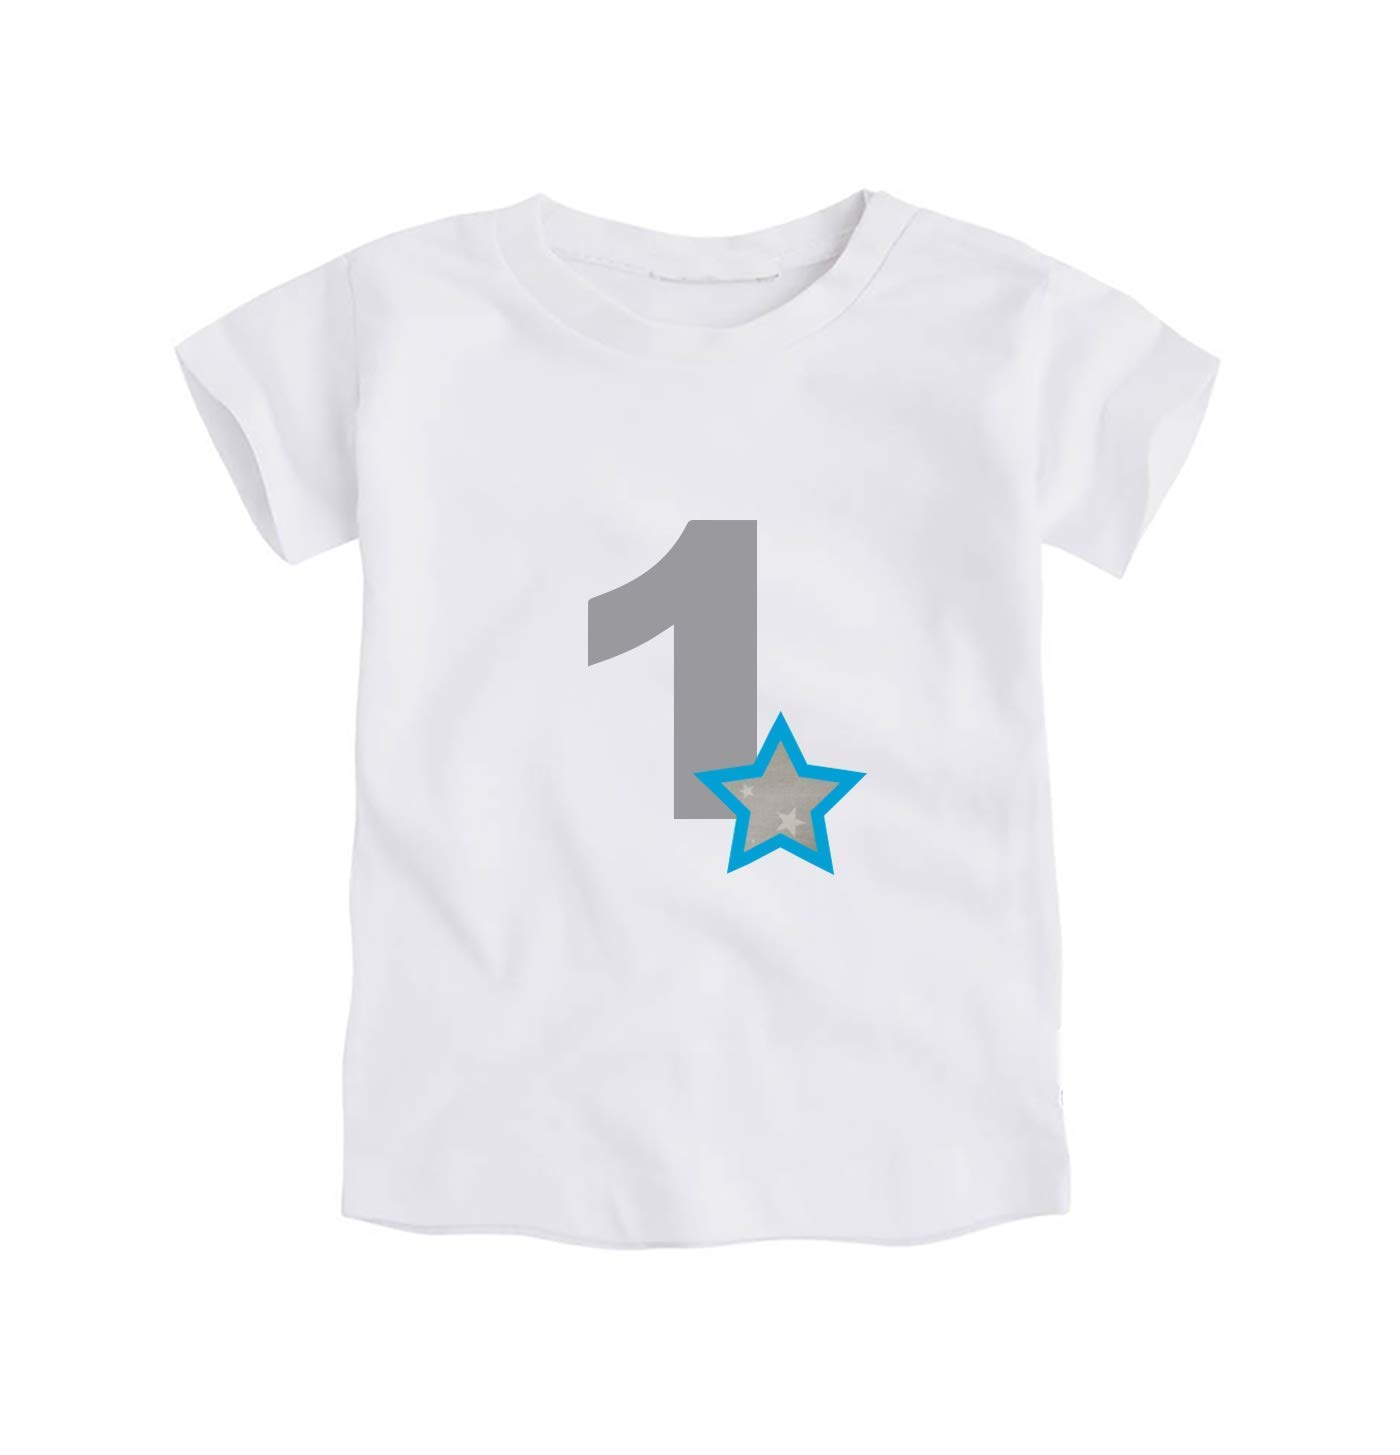 Body o Camiseta Primer Cumpleaños 1 Año/Número 1 para Bebes ...